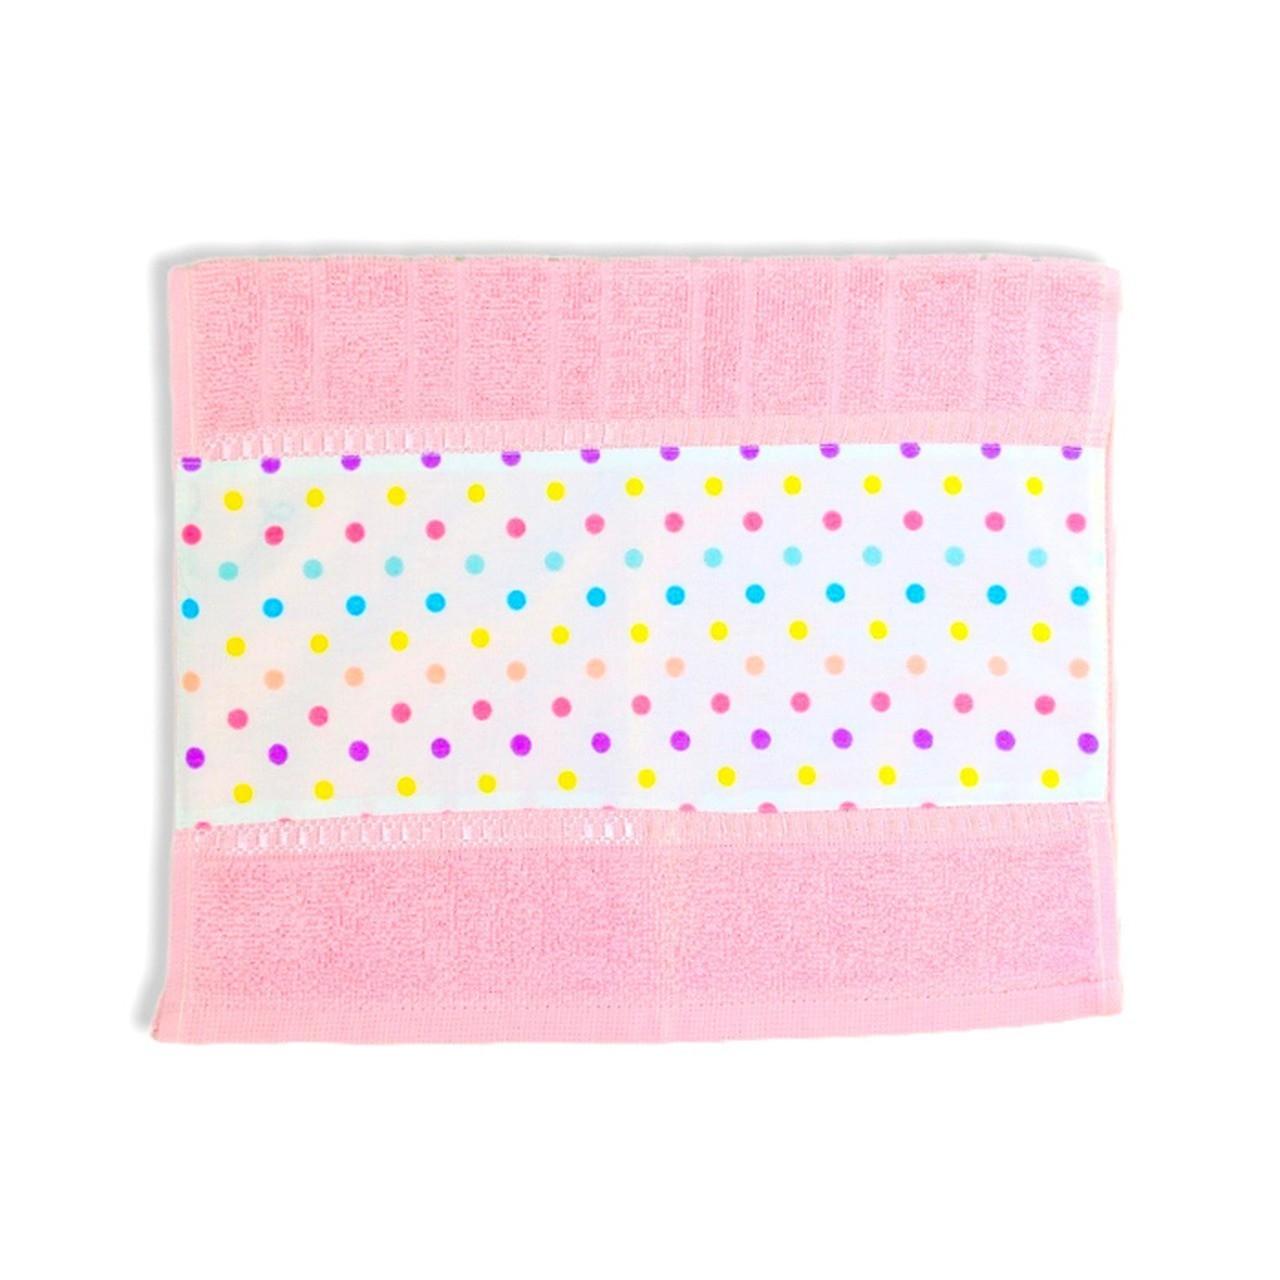 Toalha de rosto infantil 100% algodão Confete candy